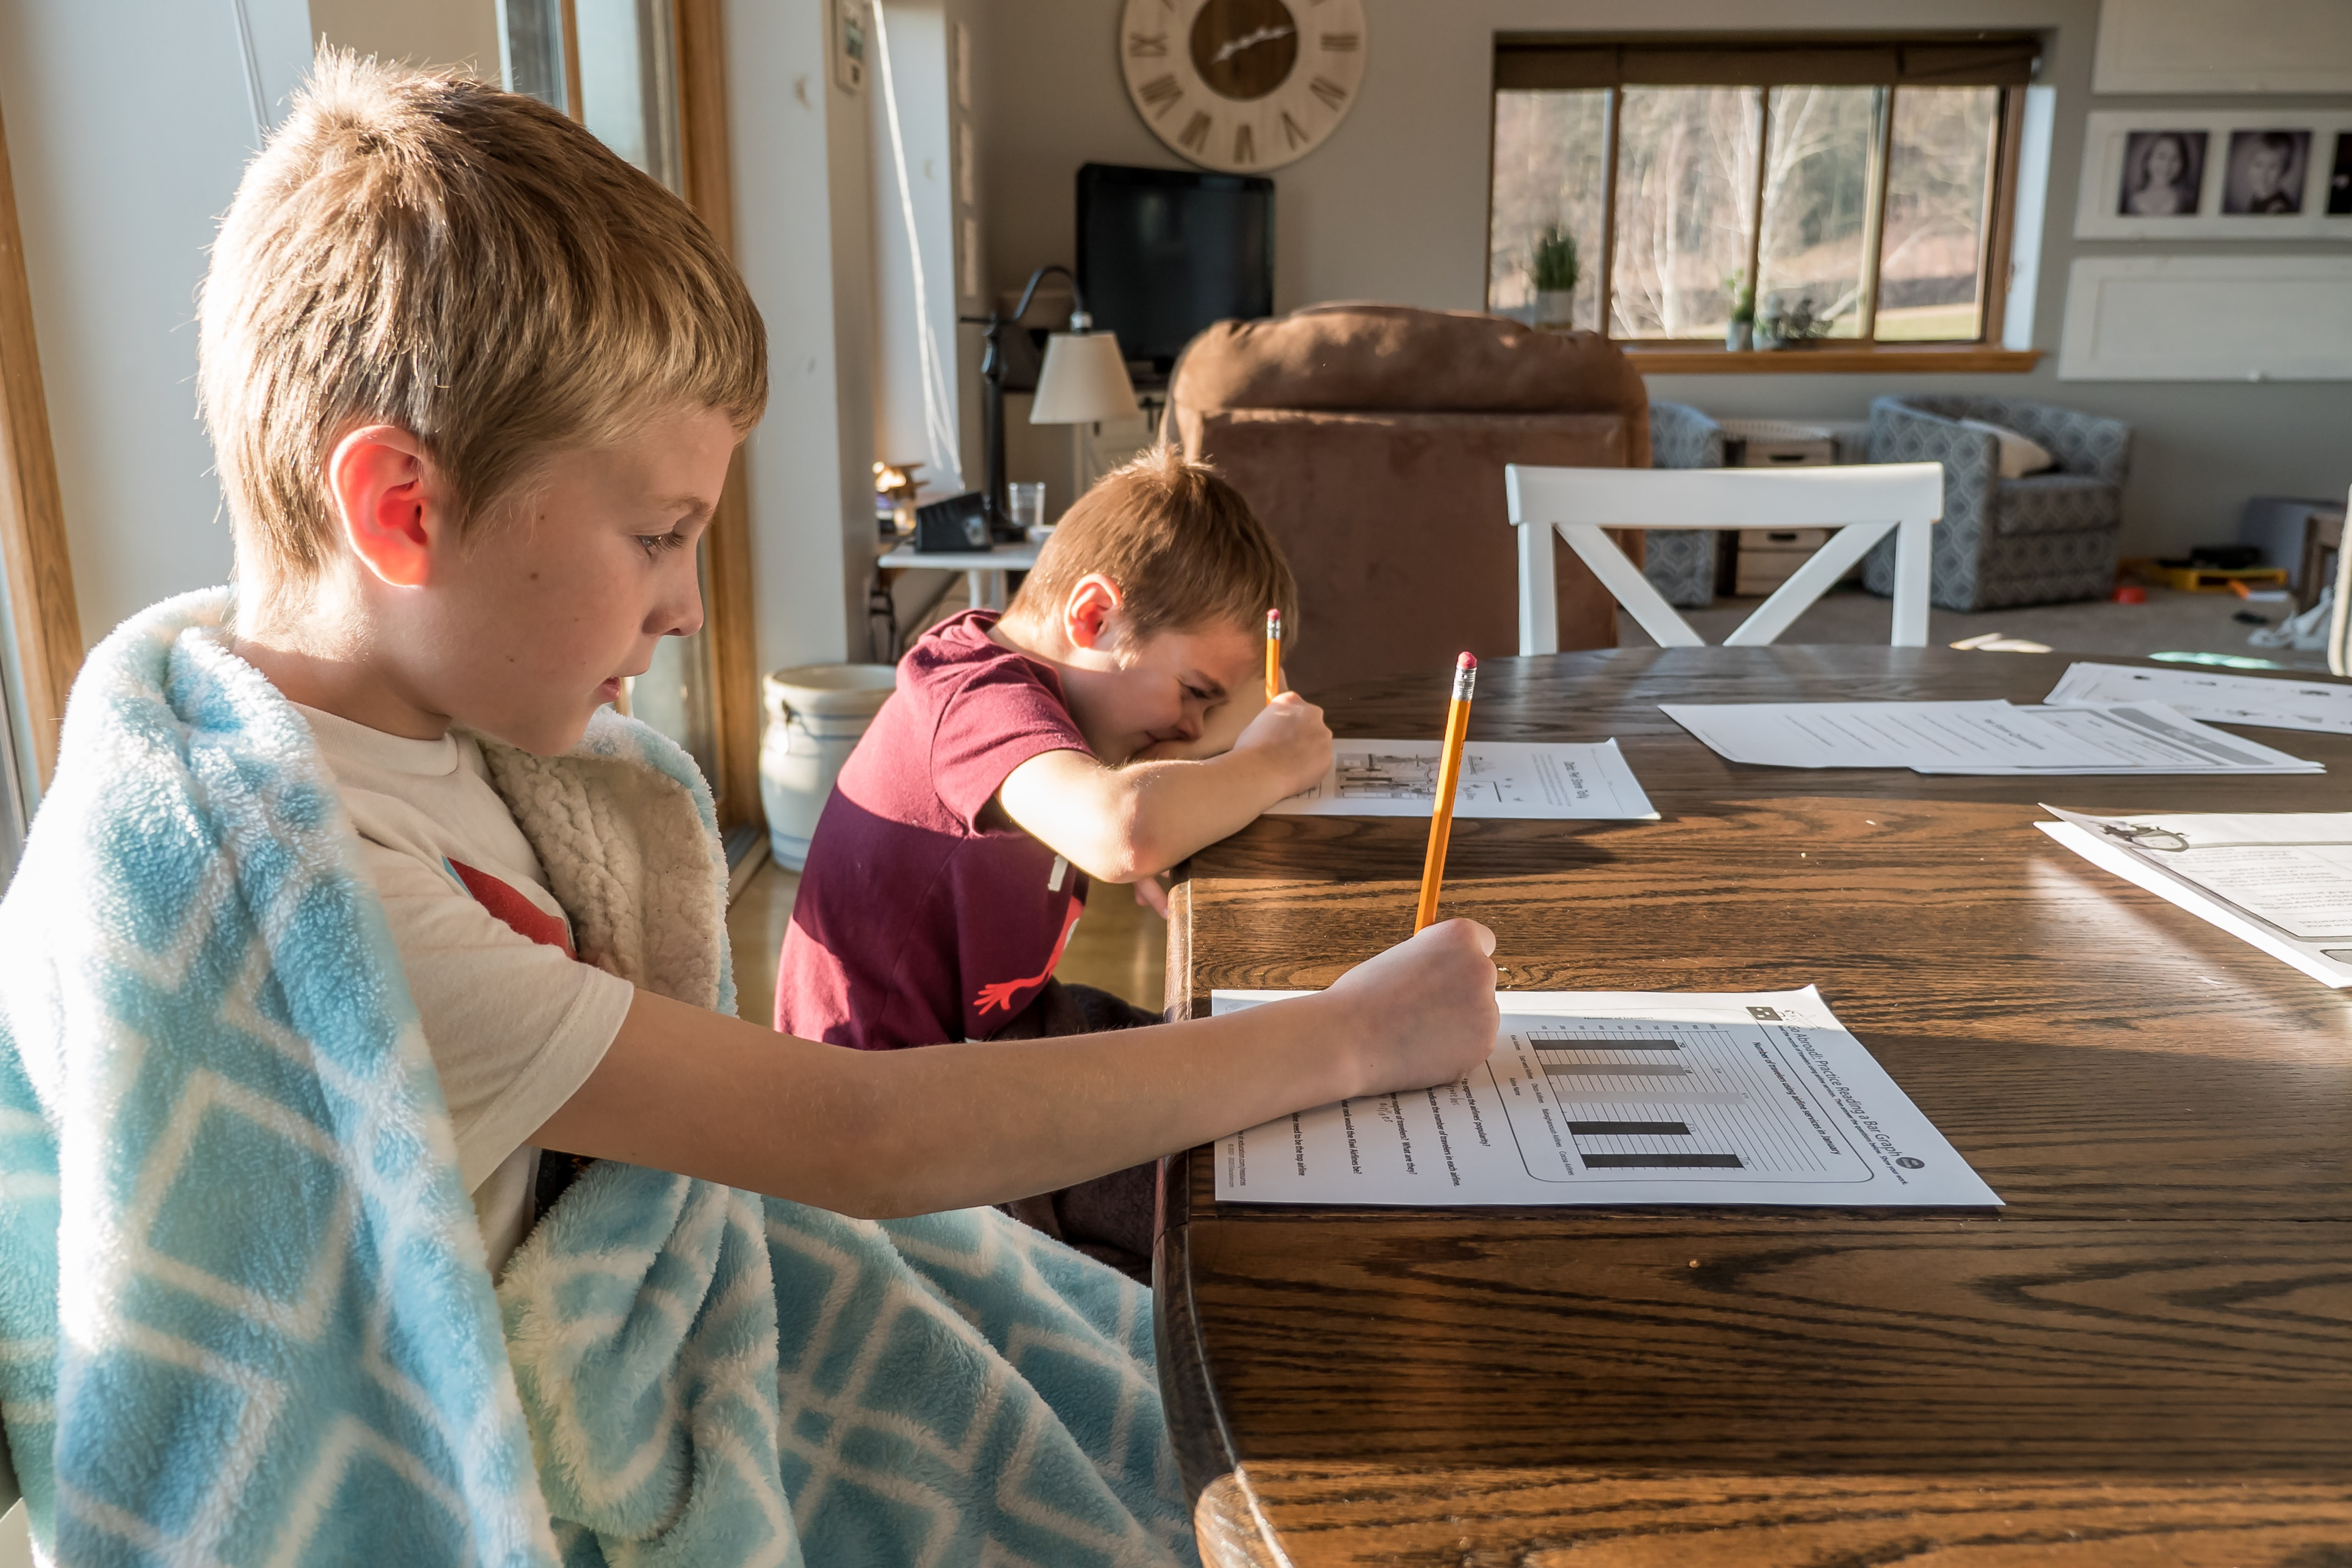 Dobro razmislite na koji način ćete organizovati vreme svojoj deci jer su i oni sada zaglavljeni kod kuće i zahtevaju mnogo više pažnje.